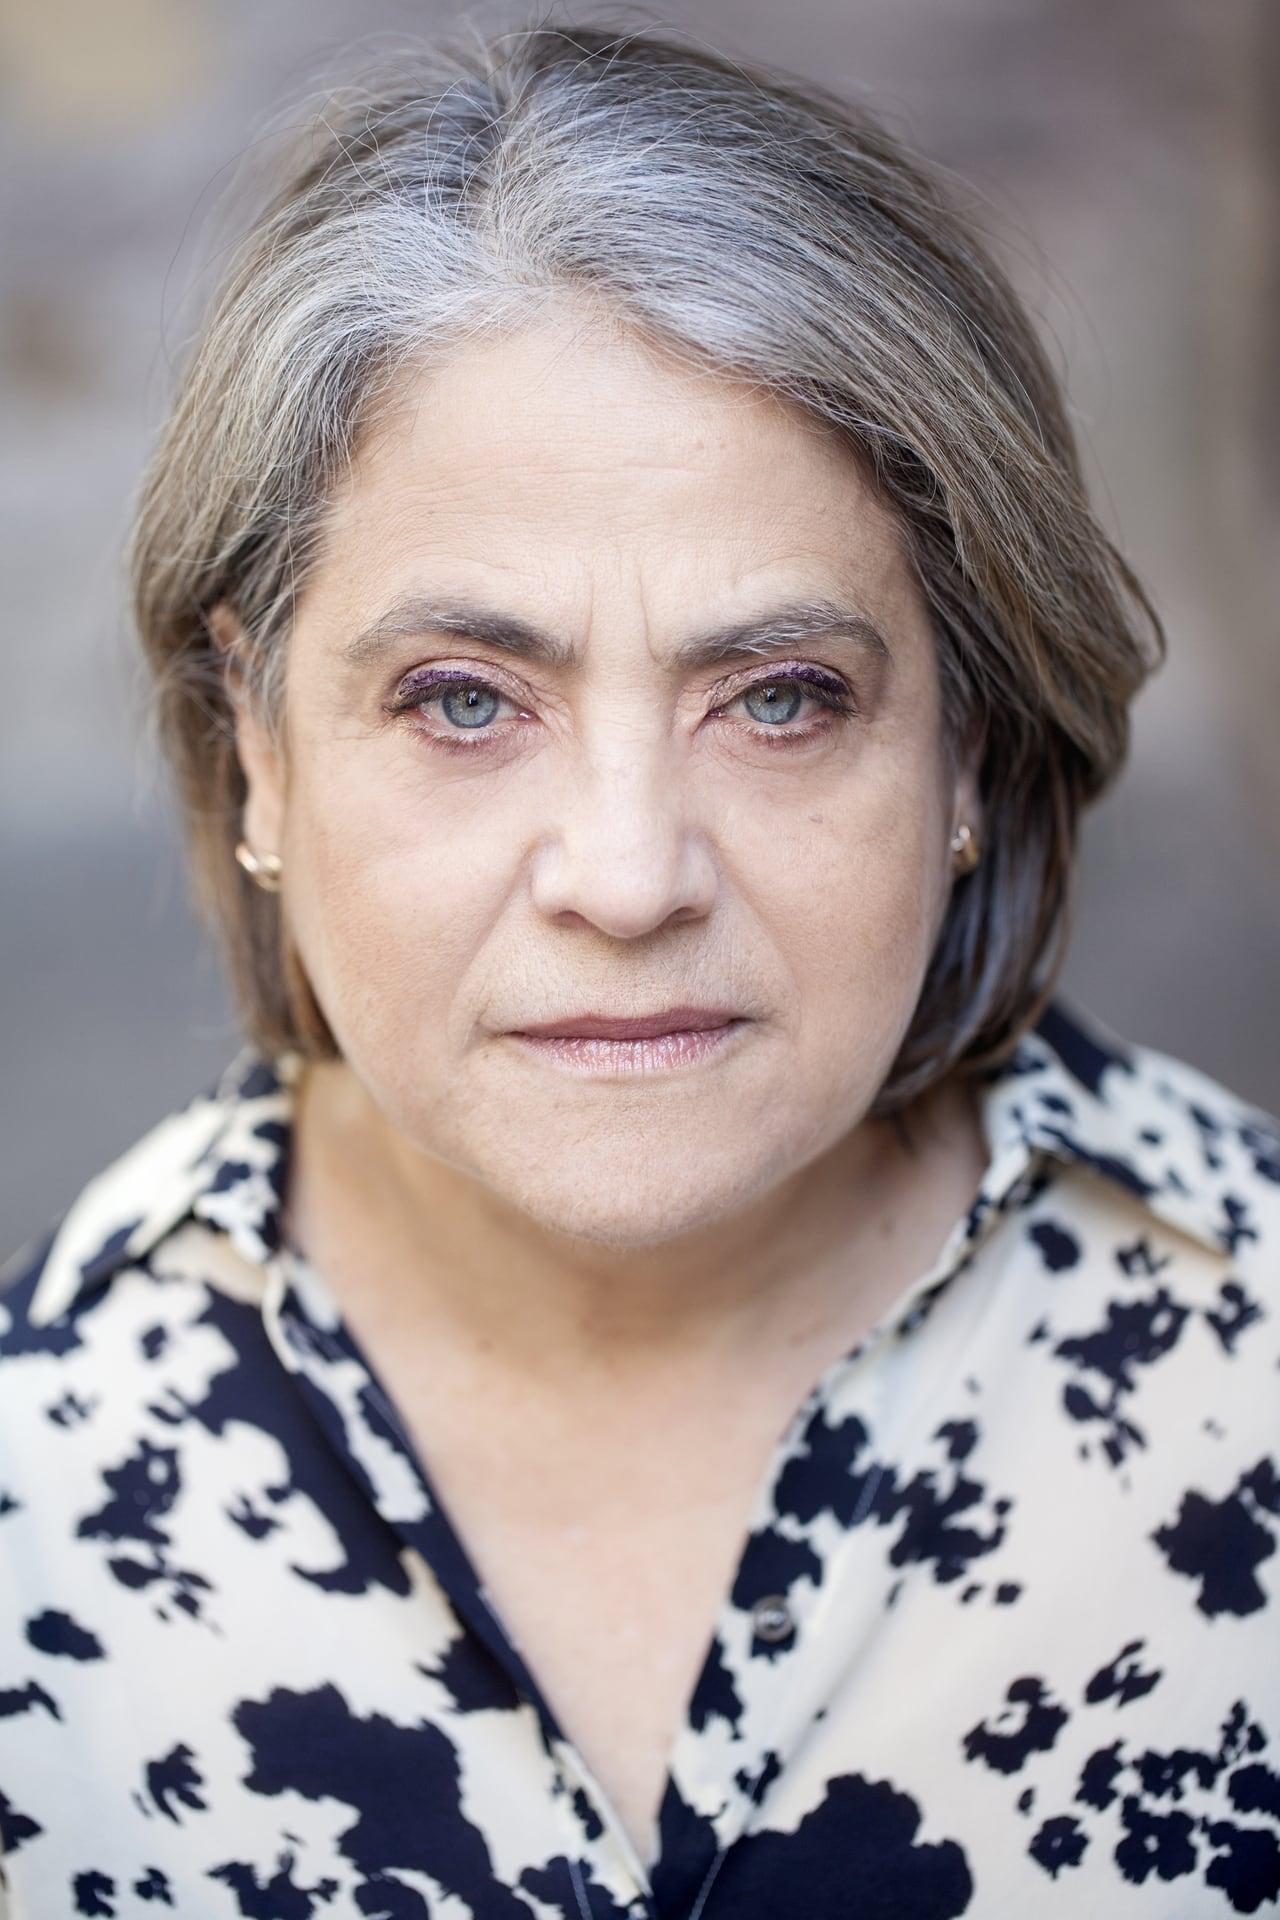 Nunzia Schiano isMadre Simoncino